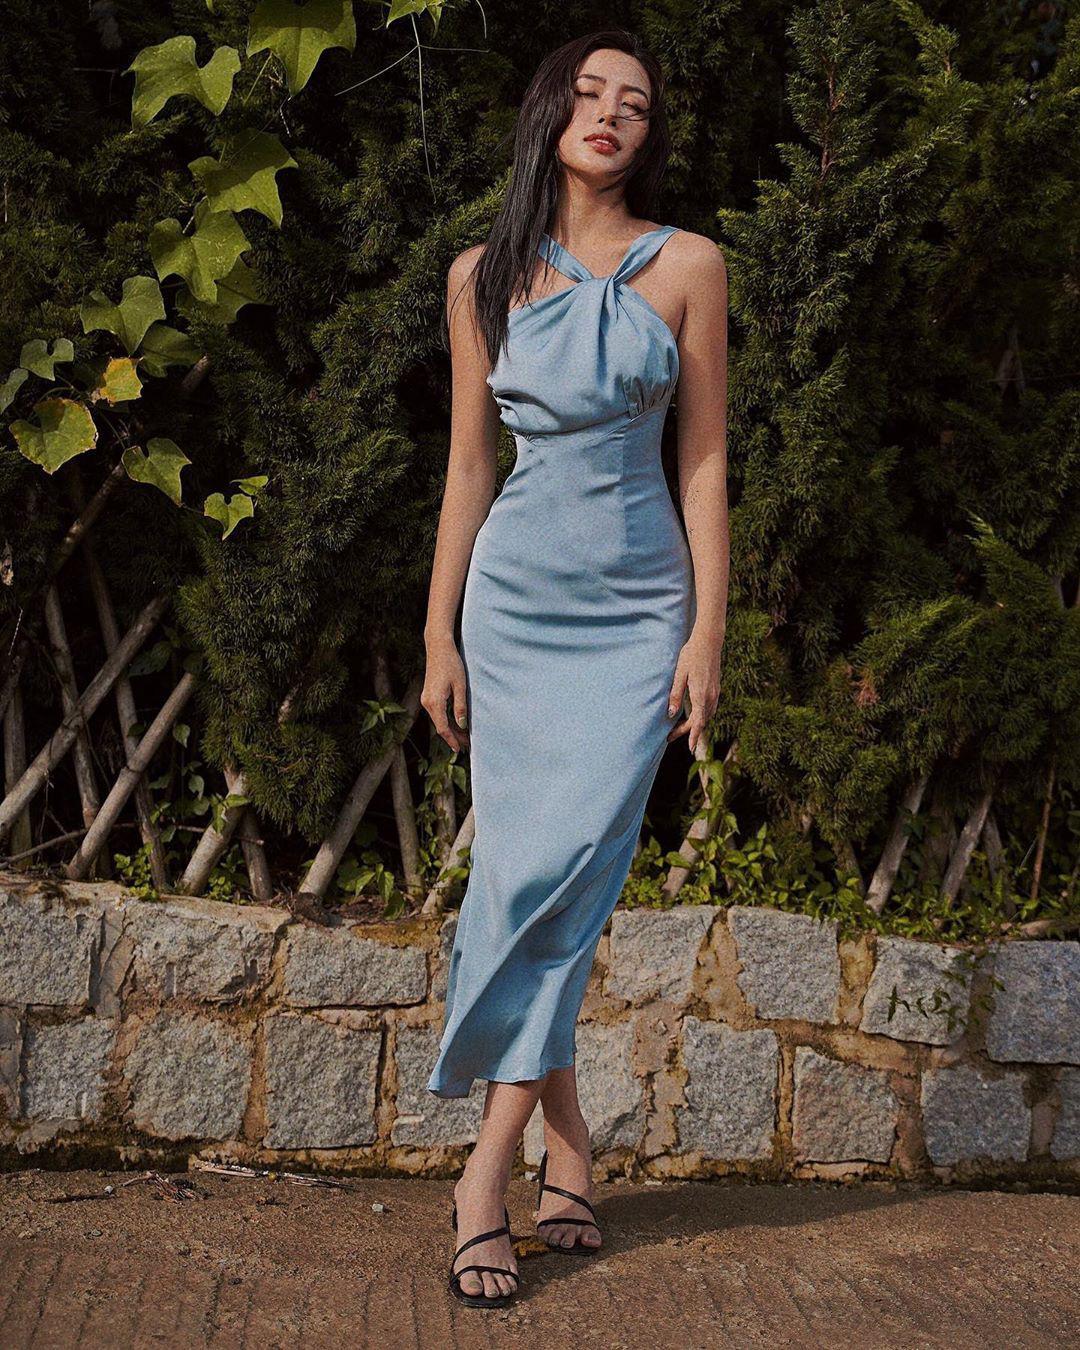 Ngất lịm với thánh body Kendall Jenner: Diện mỗi váy yếm mà sexy phát hờn, ảnh chụp vội xịn như lên tạp chí - Ảnh 6.